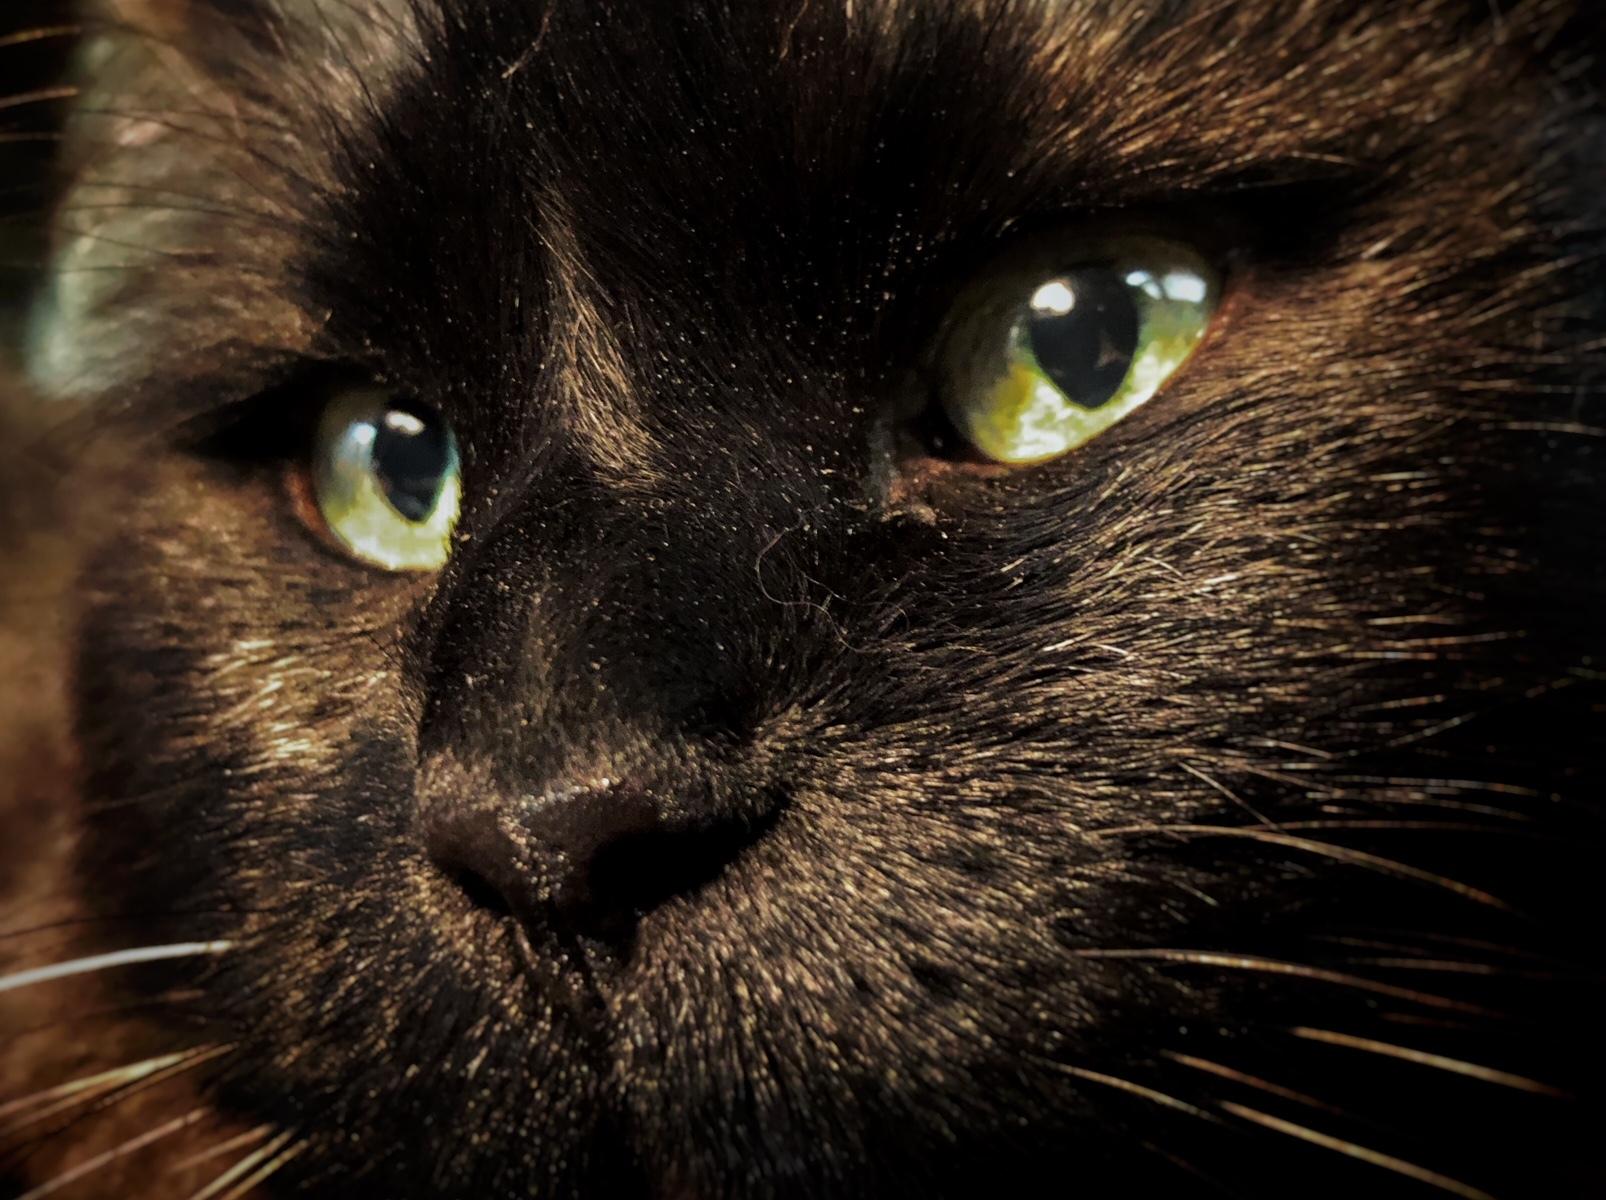 Black Cat Munch